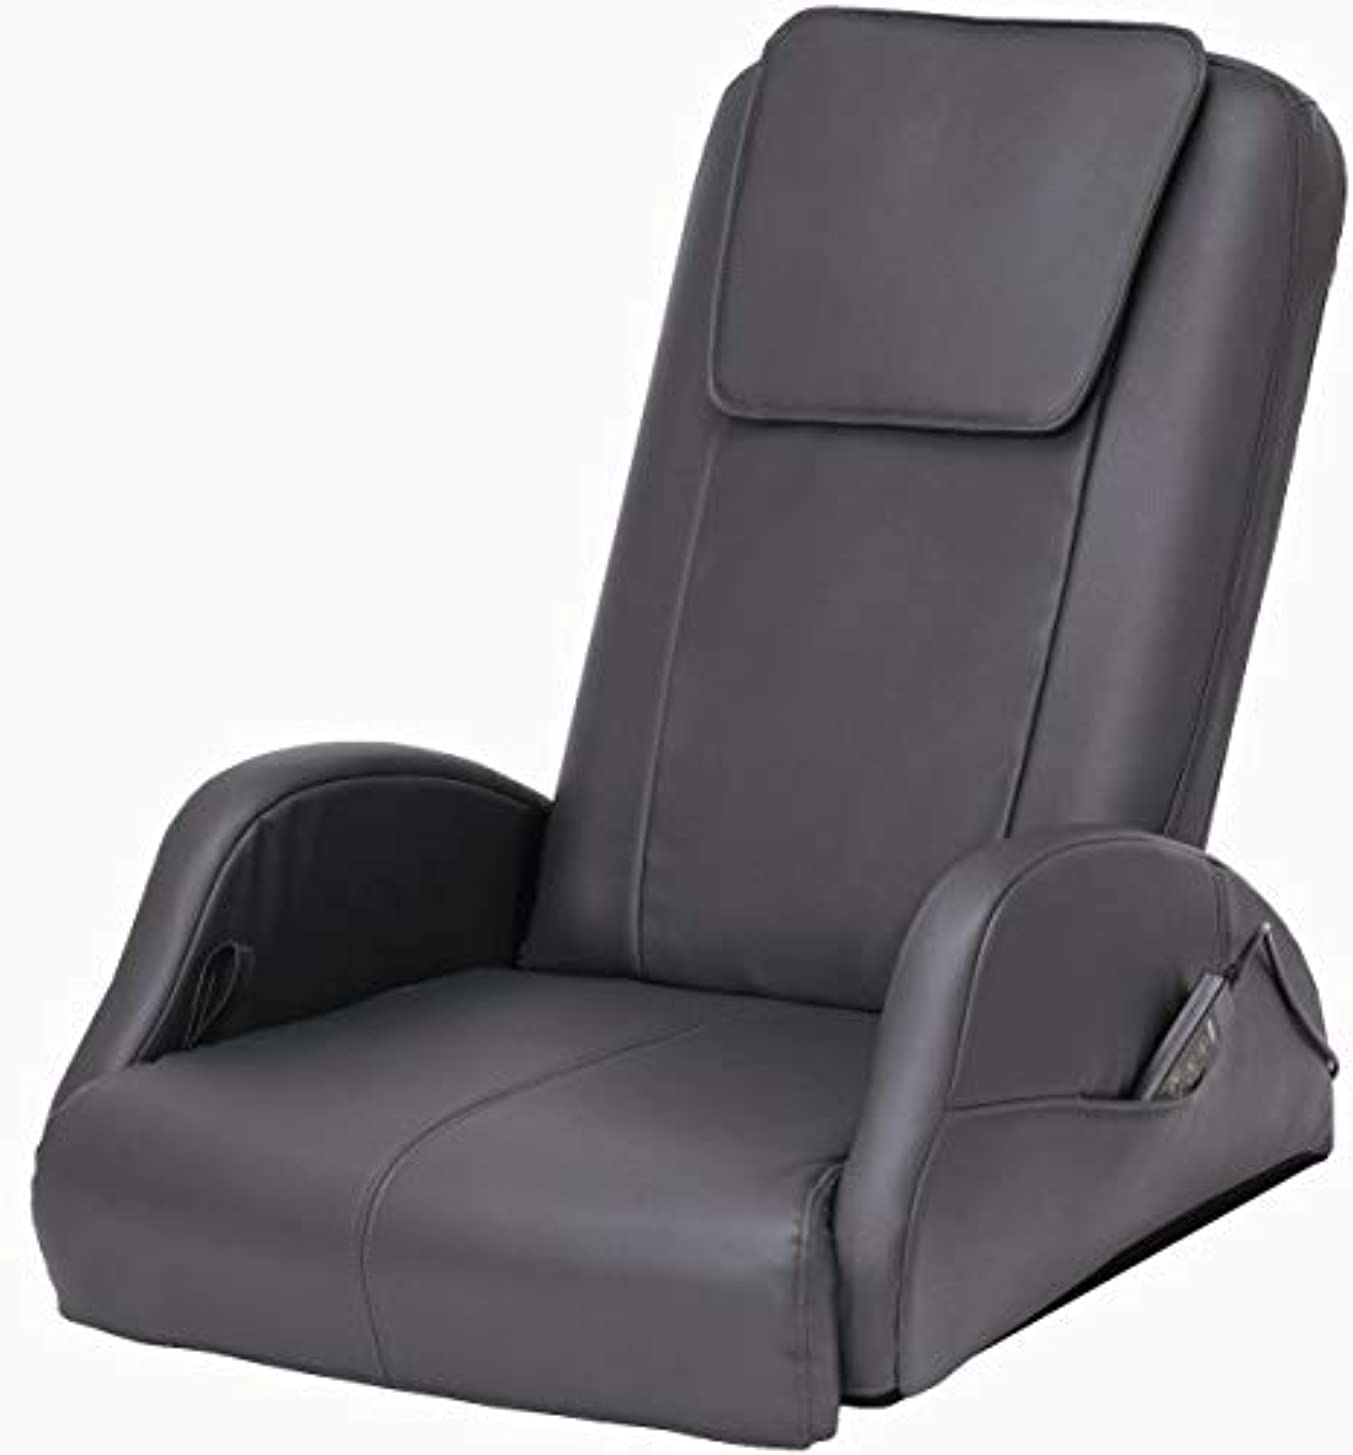 眠いです厚さ一般的なスライヴ マッサージチェア くつろぎ指定席 CHD-661 チャコールグレー